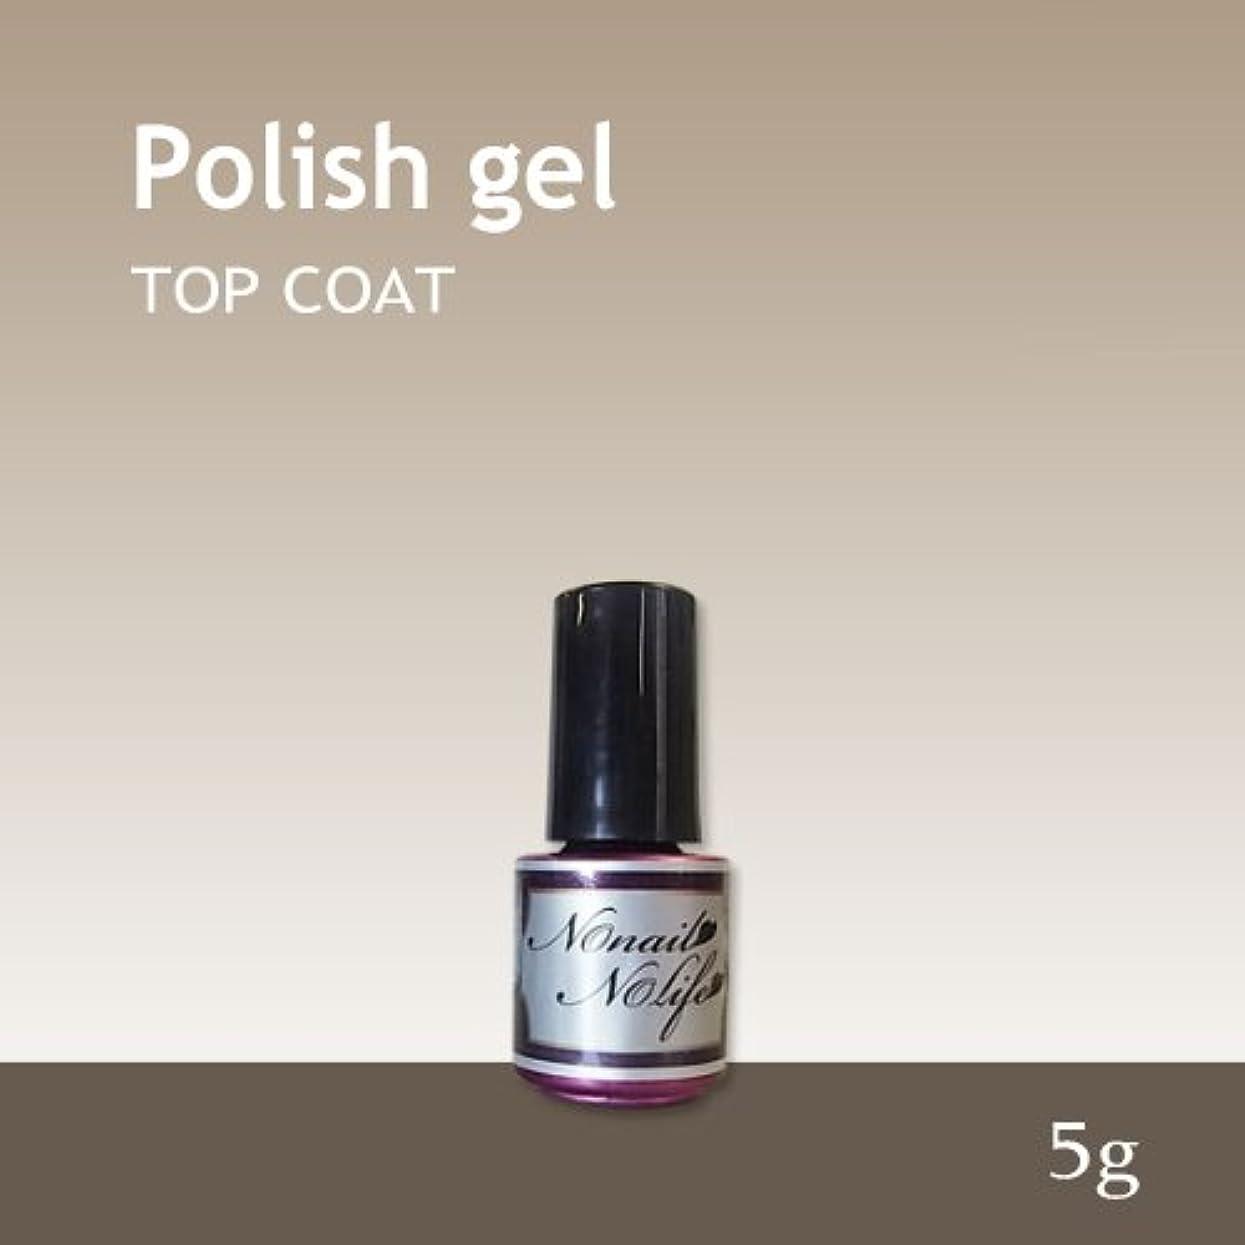 レタス必須絶望ジェルネイル《爪に優しいトップコートジェル》Natural Polish ポリッシュトップジェル(5g)